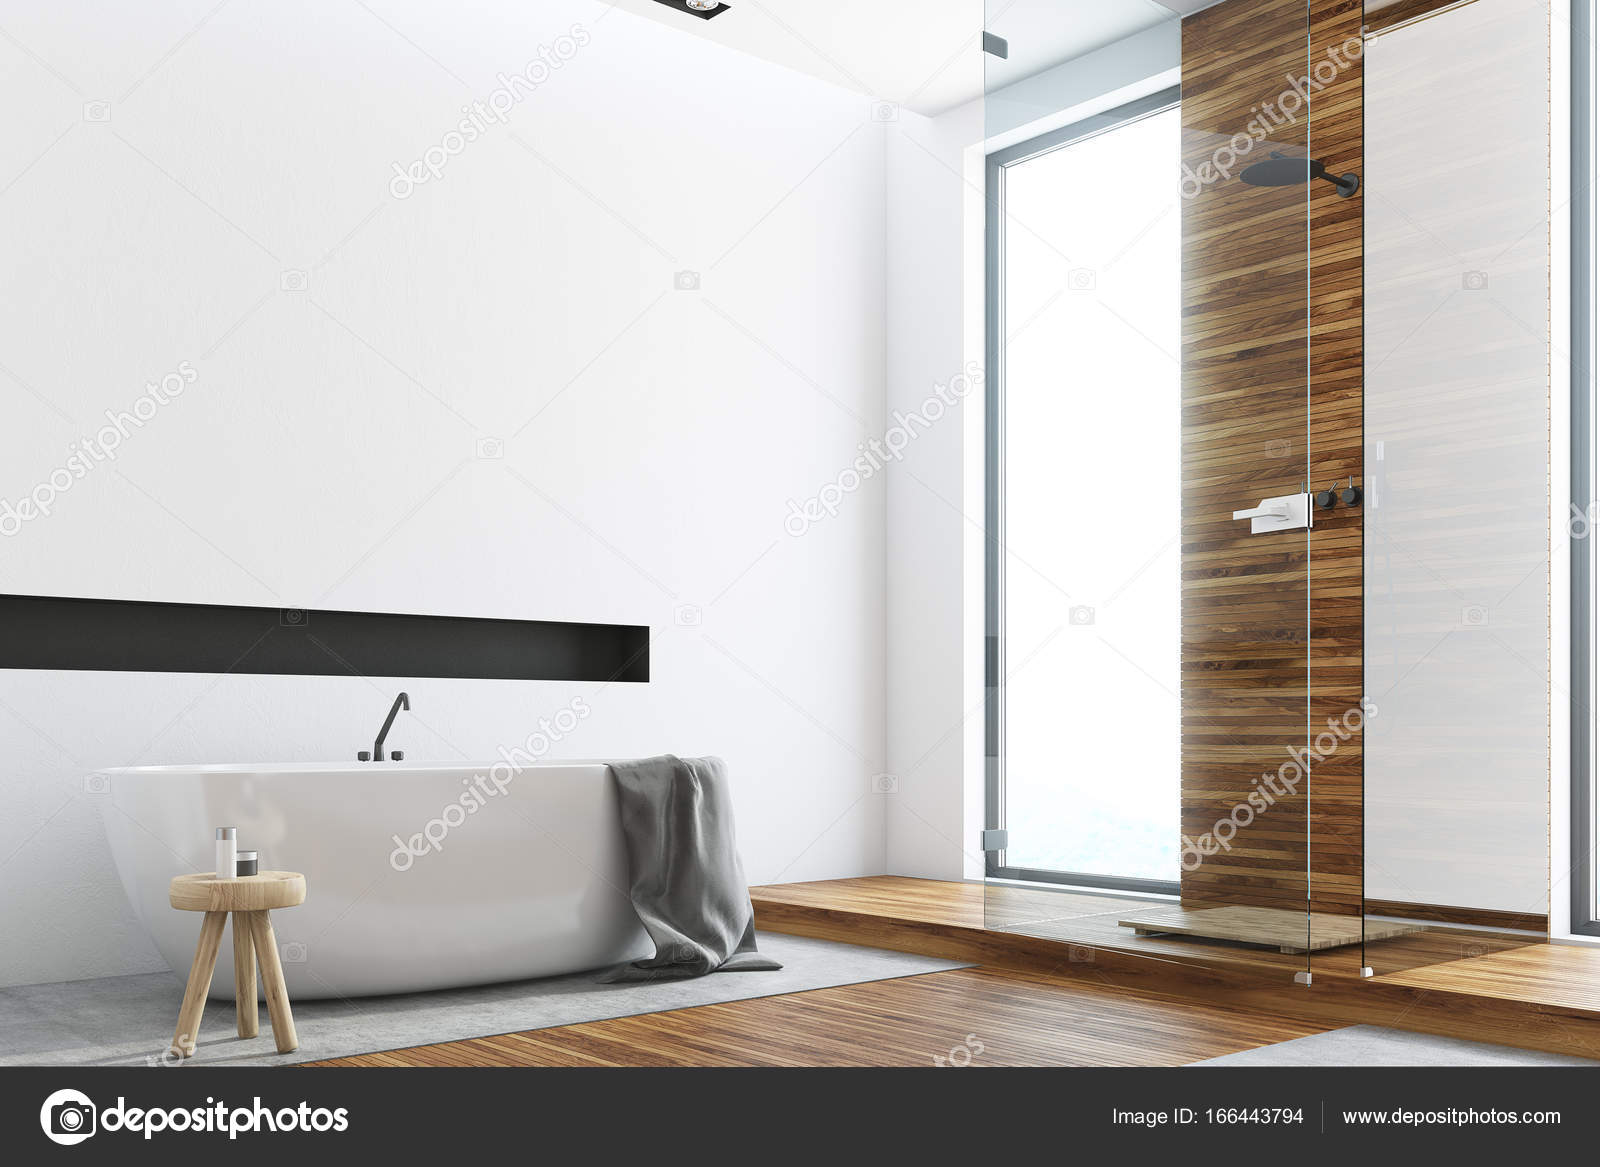 Bagno Legno E Bianco : Bagno in legno e bianco lato vasca rotonda u foto stock